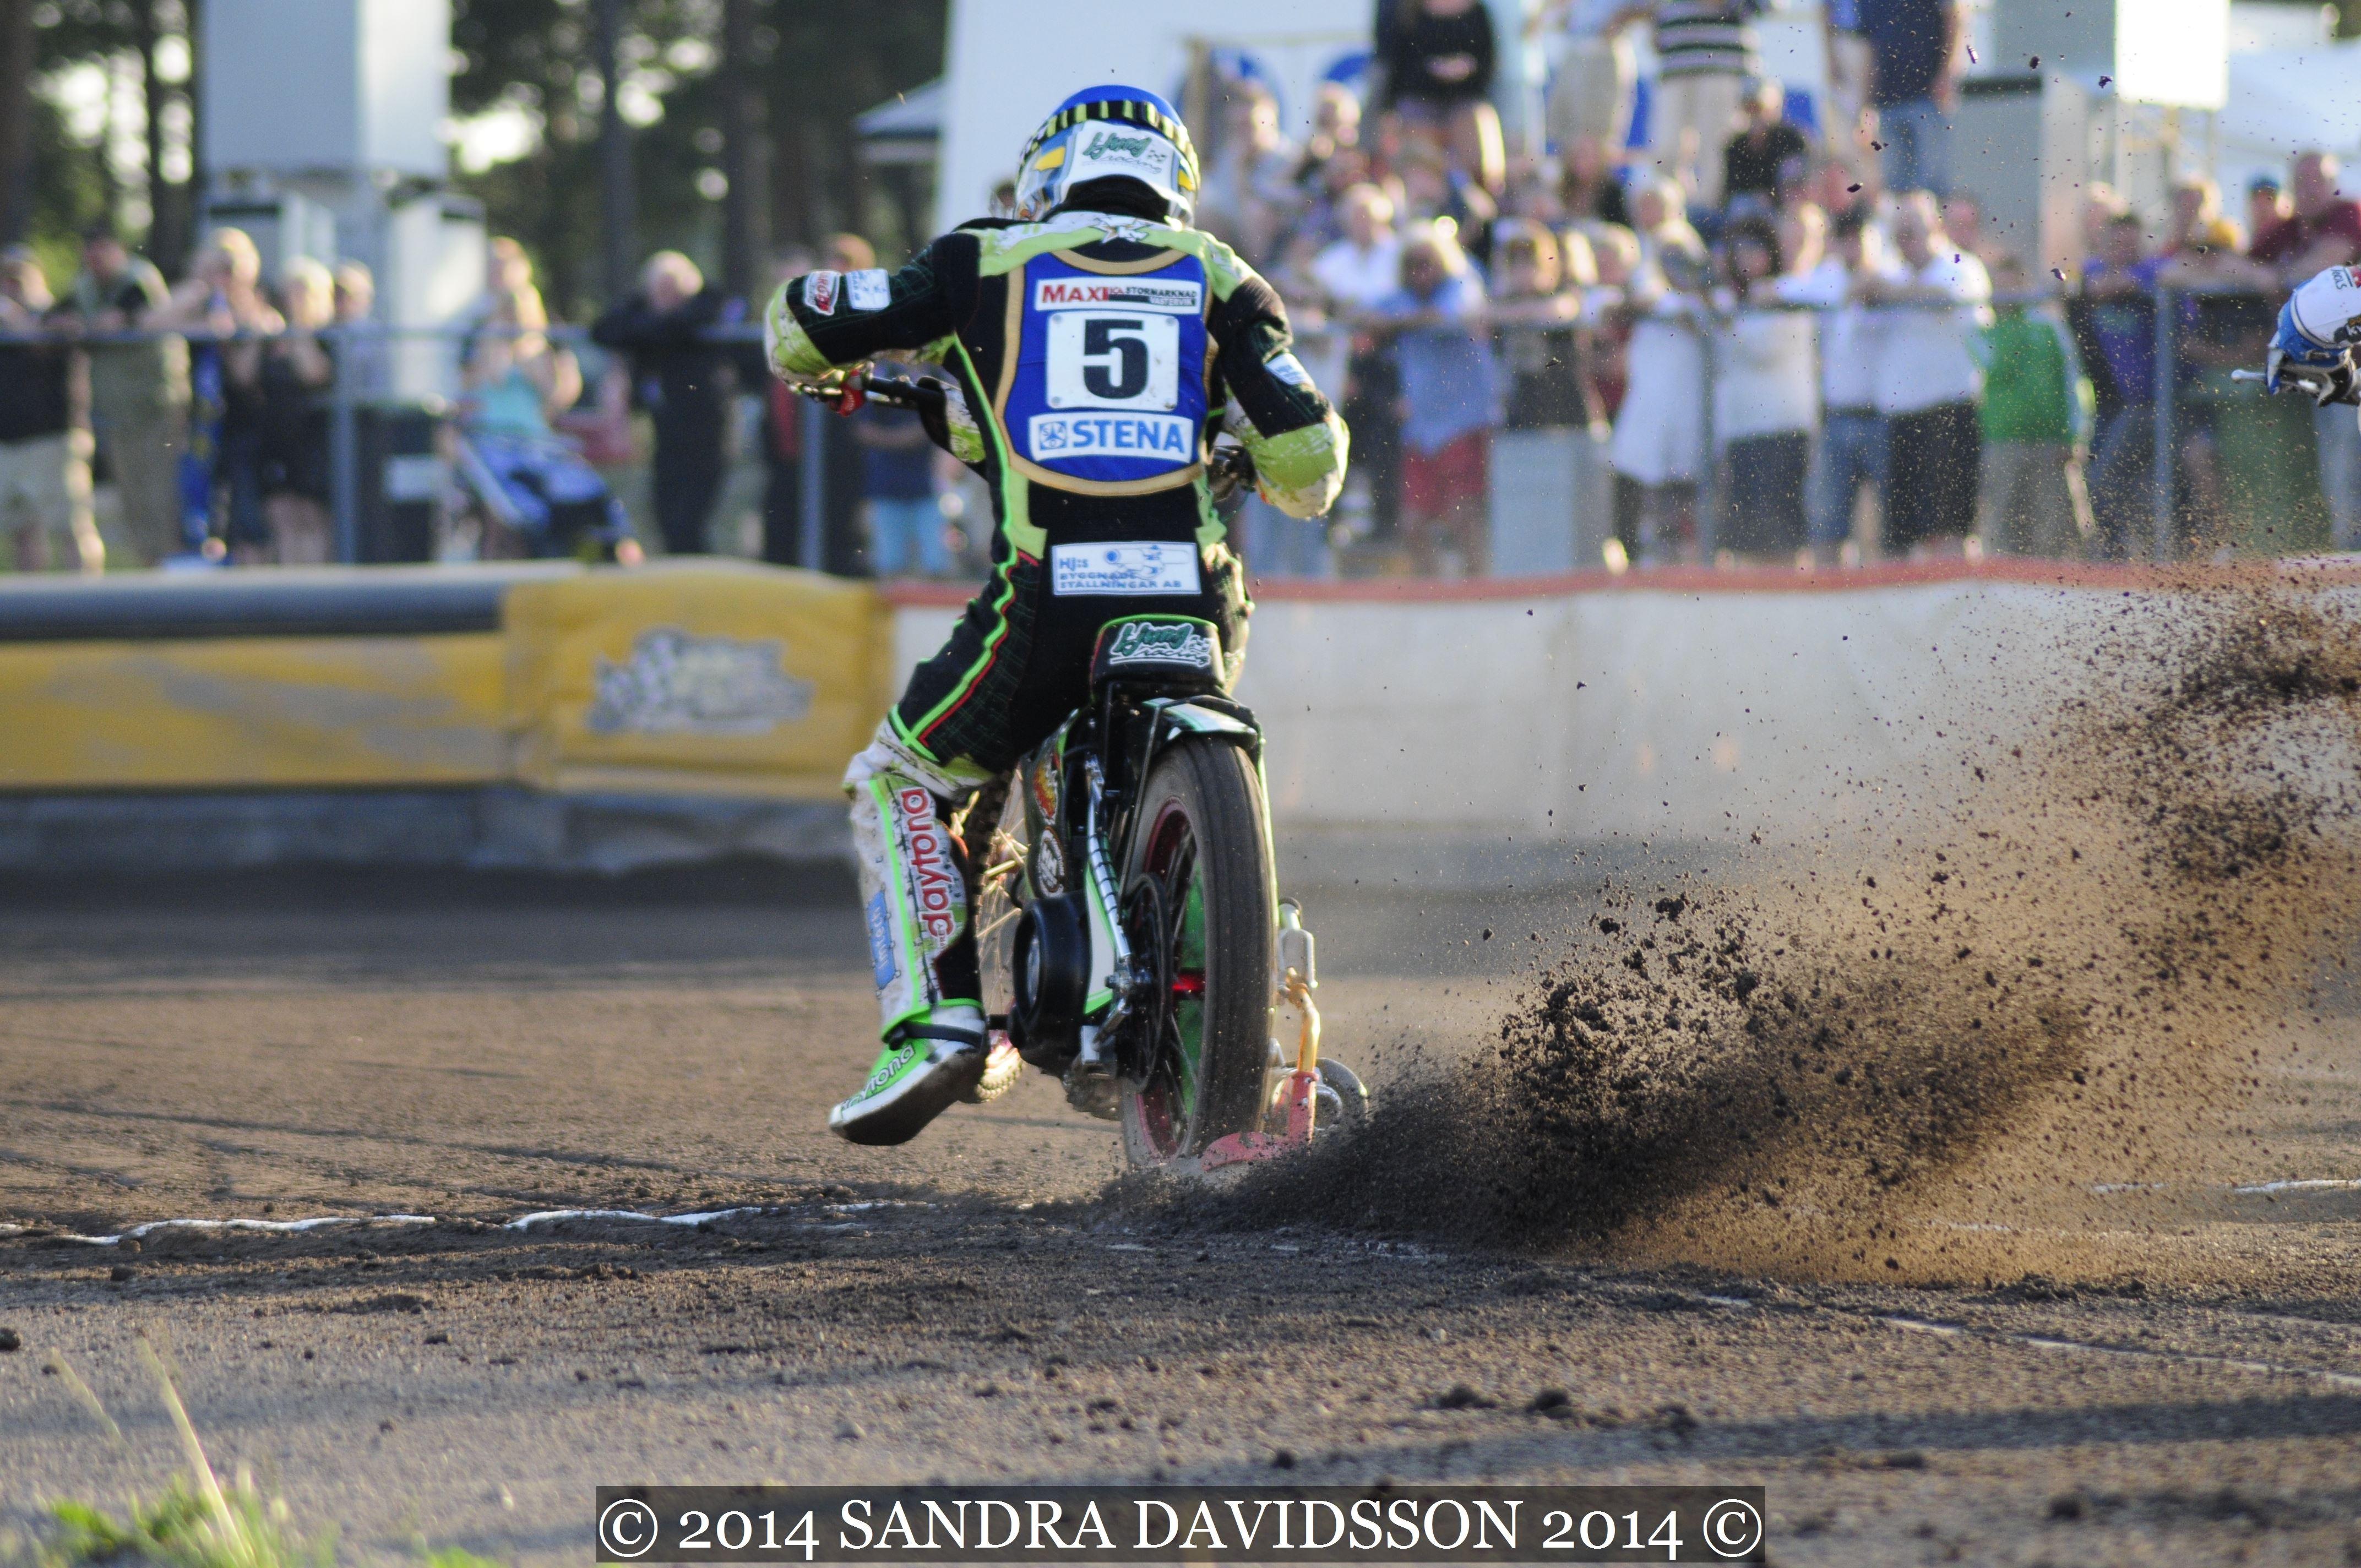 Västervik Speedway - Speedway 54 - Vargarna - Kavaljererna